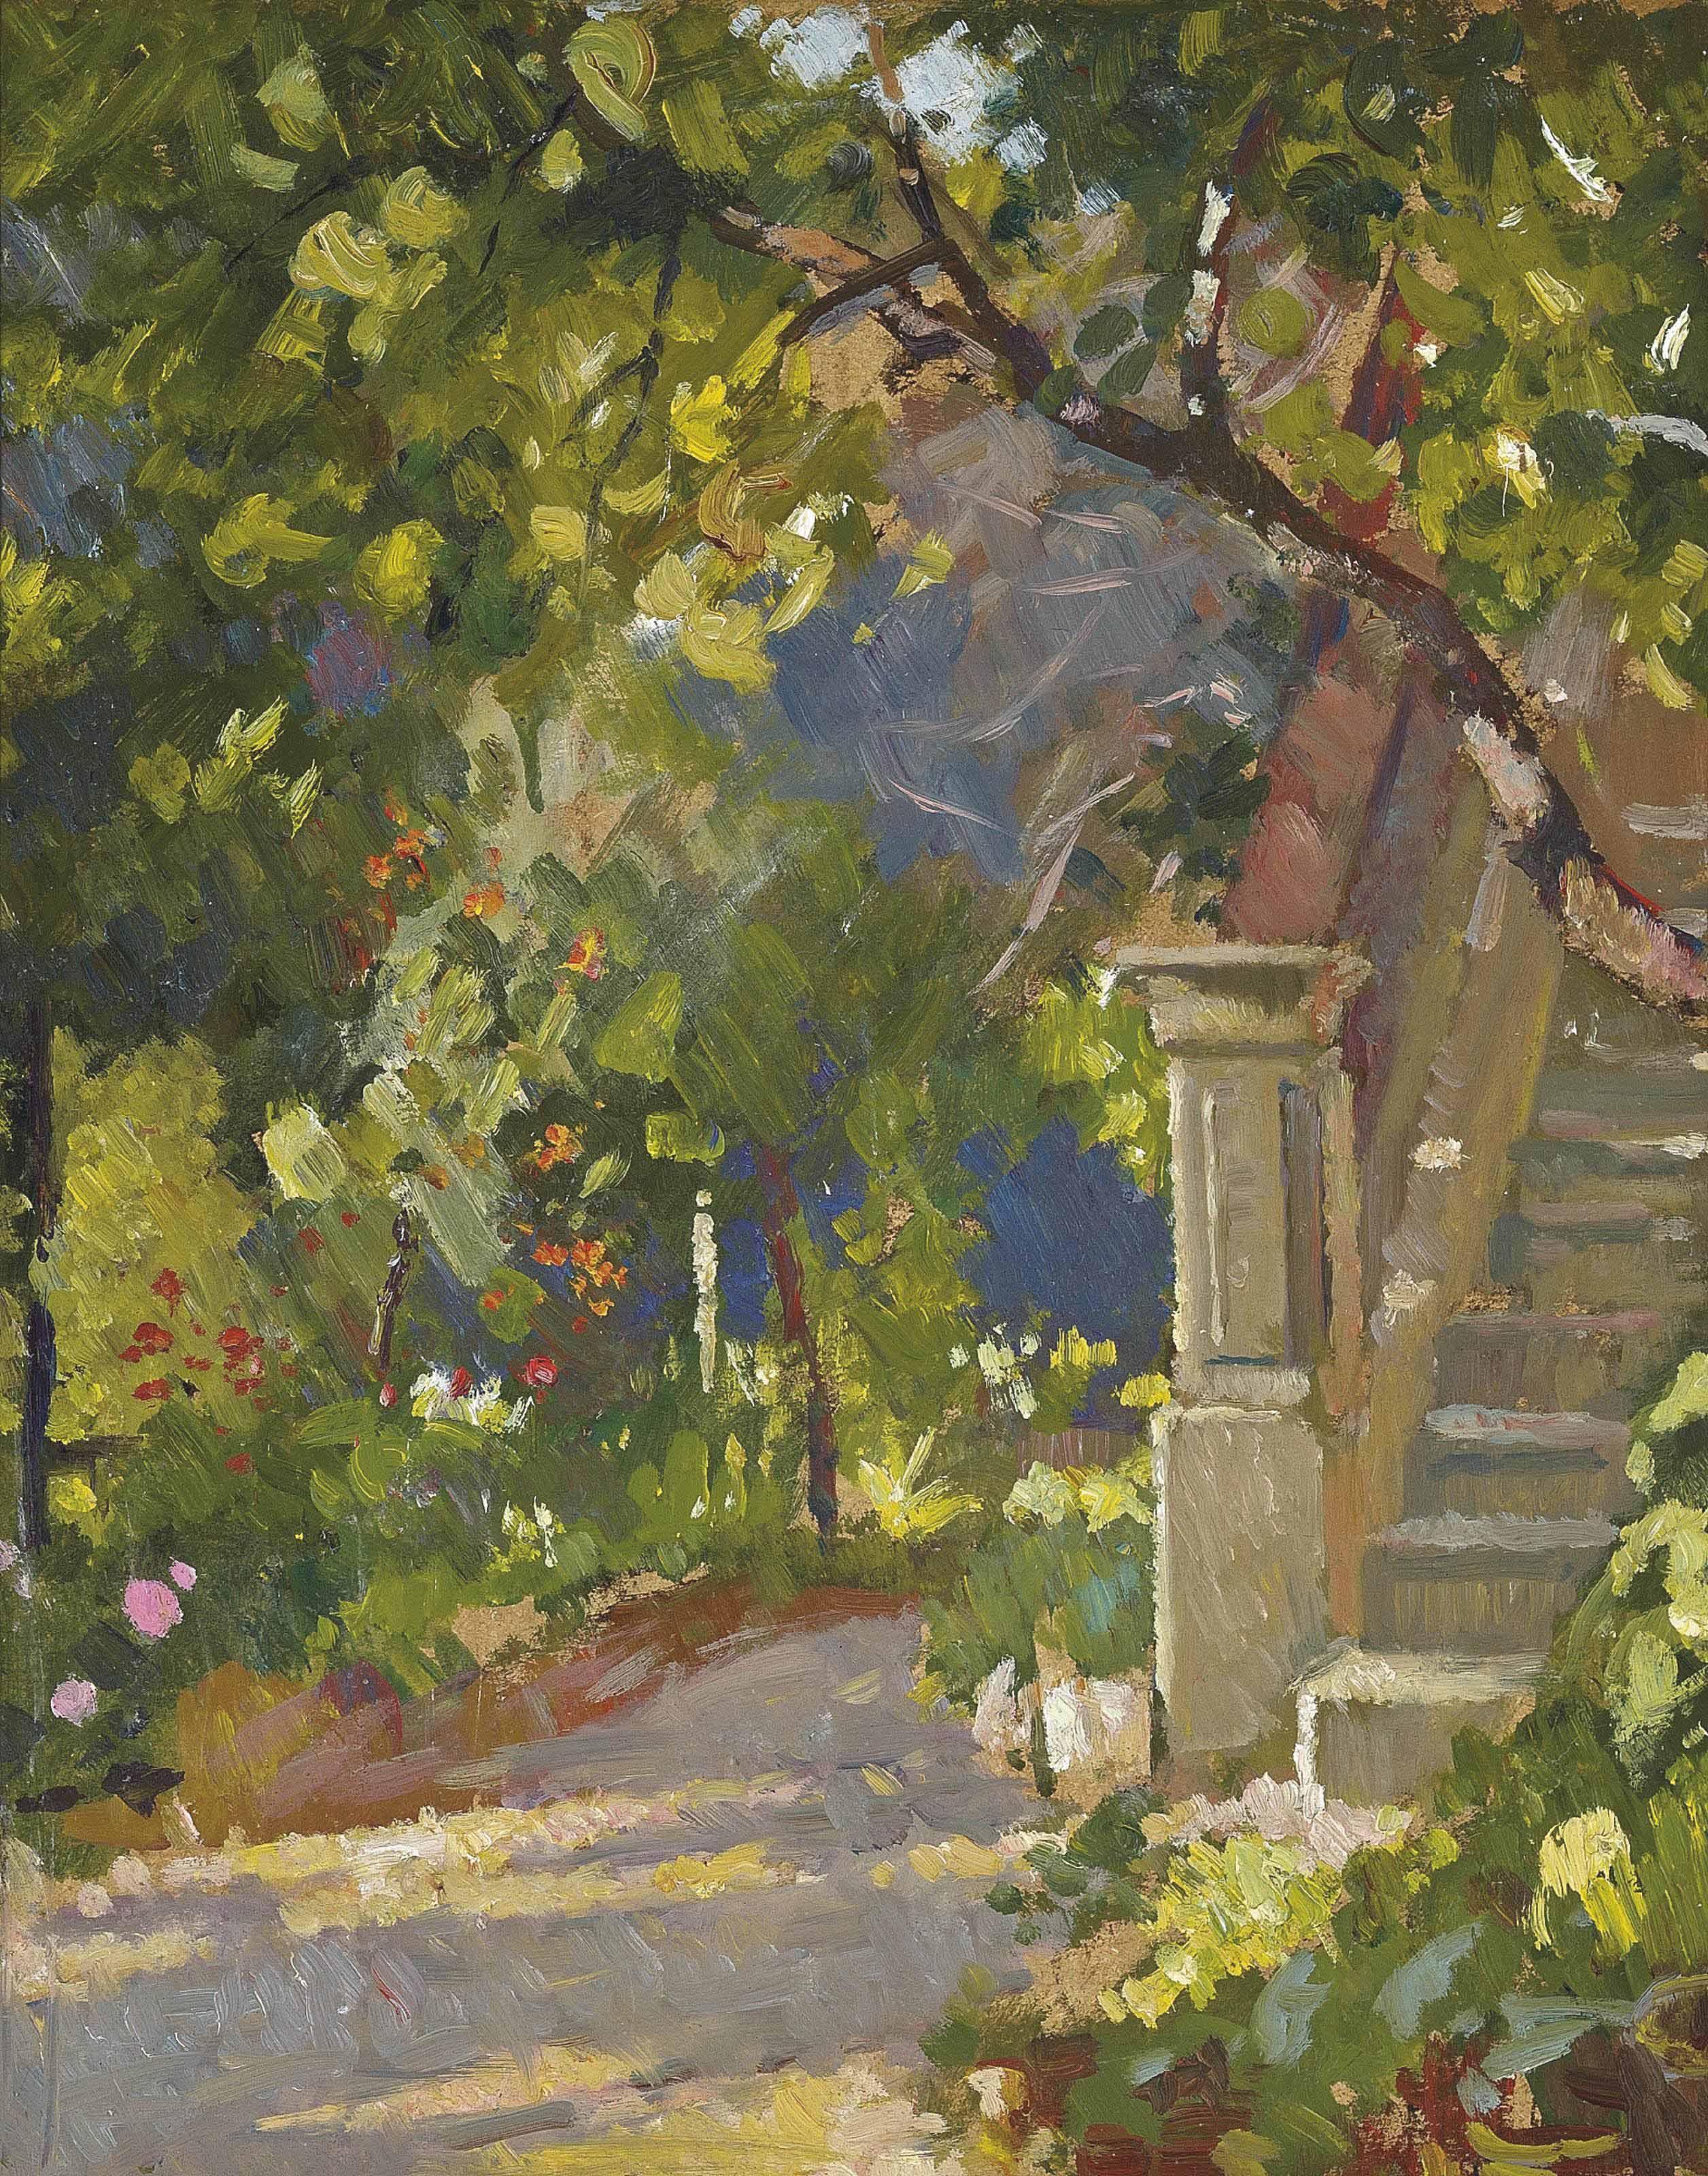 A quiet corner